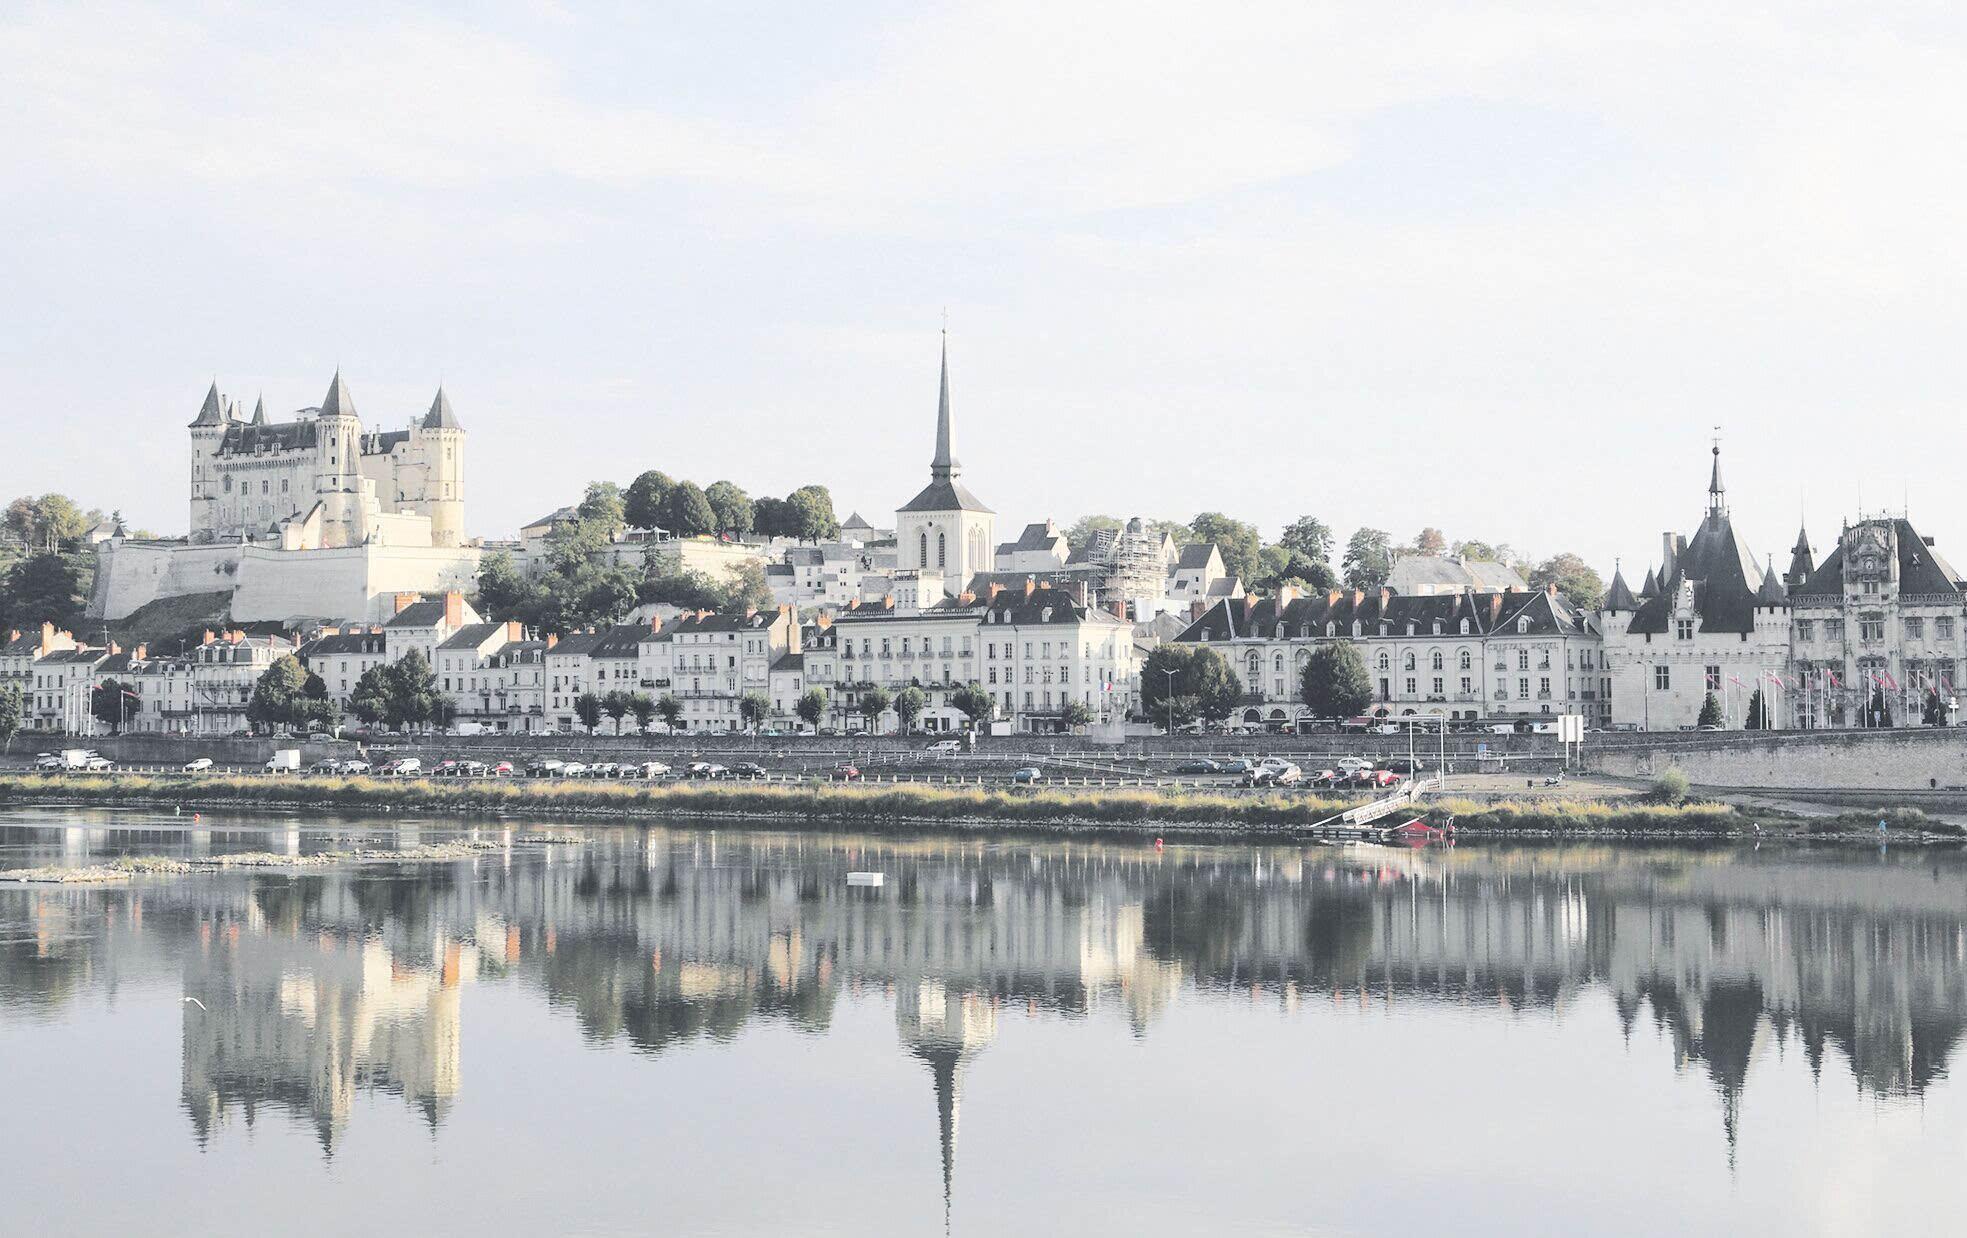 尔:卢瓦河畔的古堡倩影   饱览法国诺曼底海岸线的旖旎风光后,环法